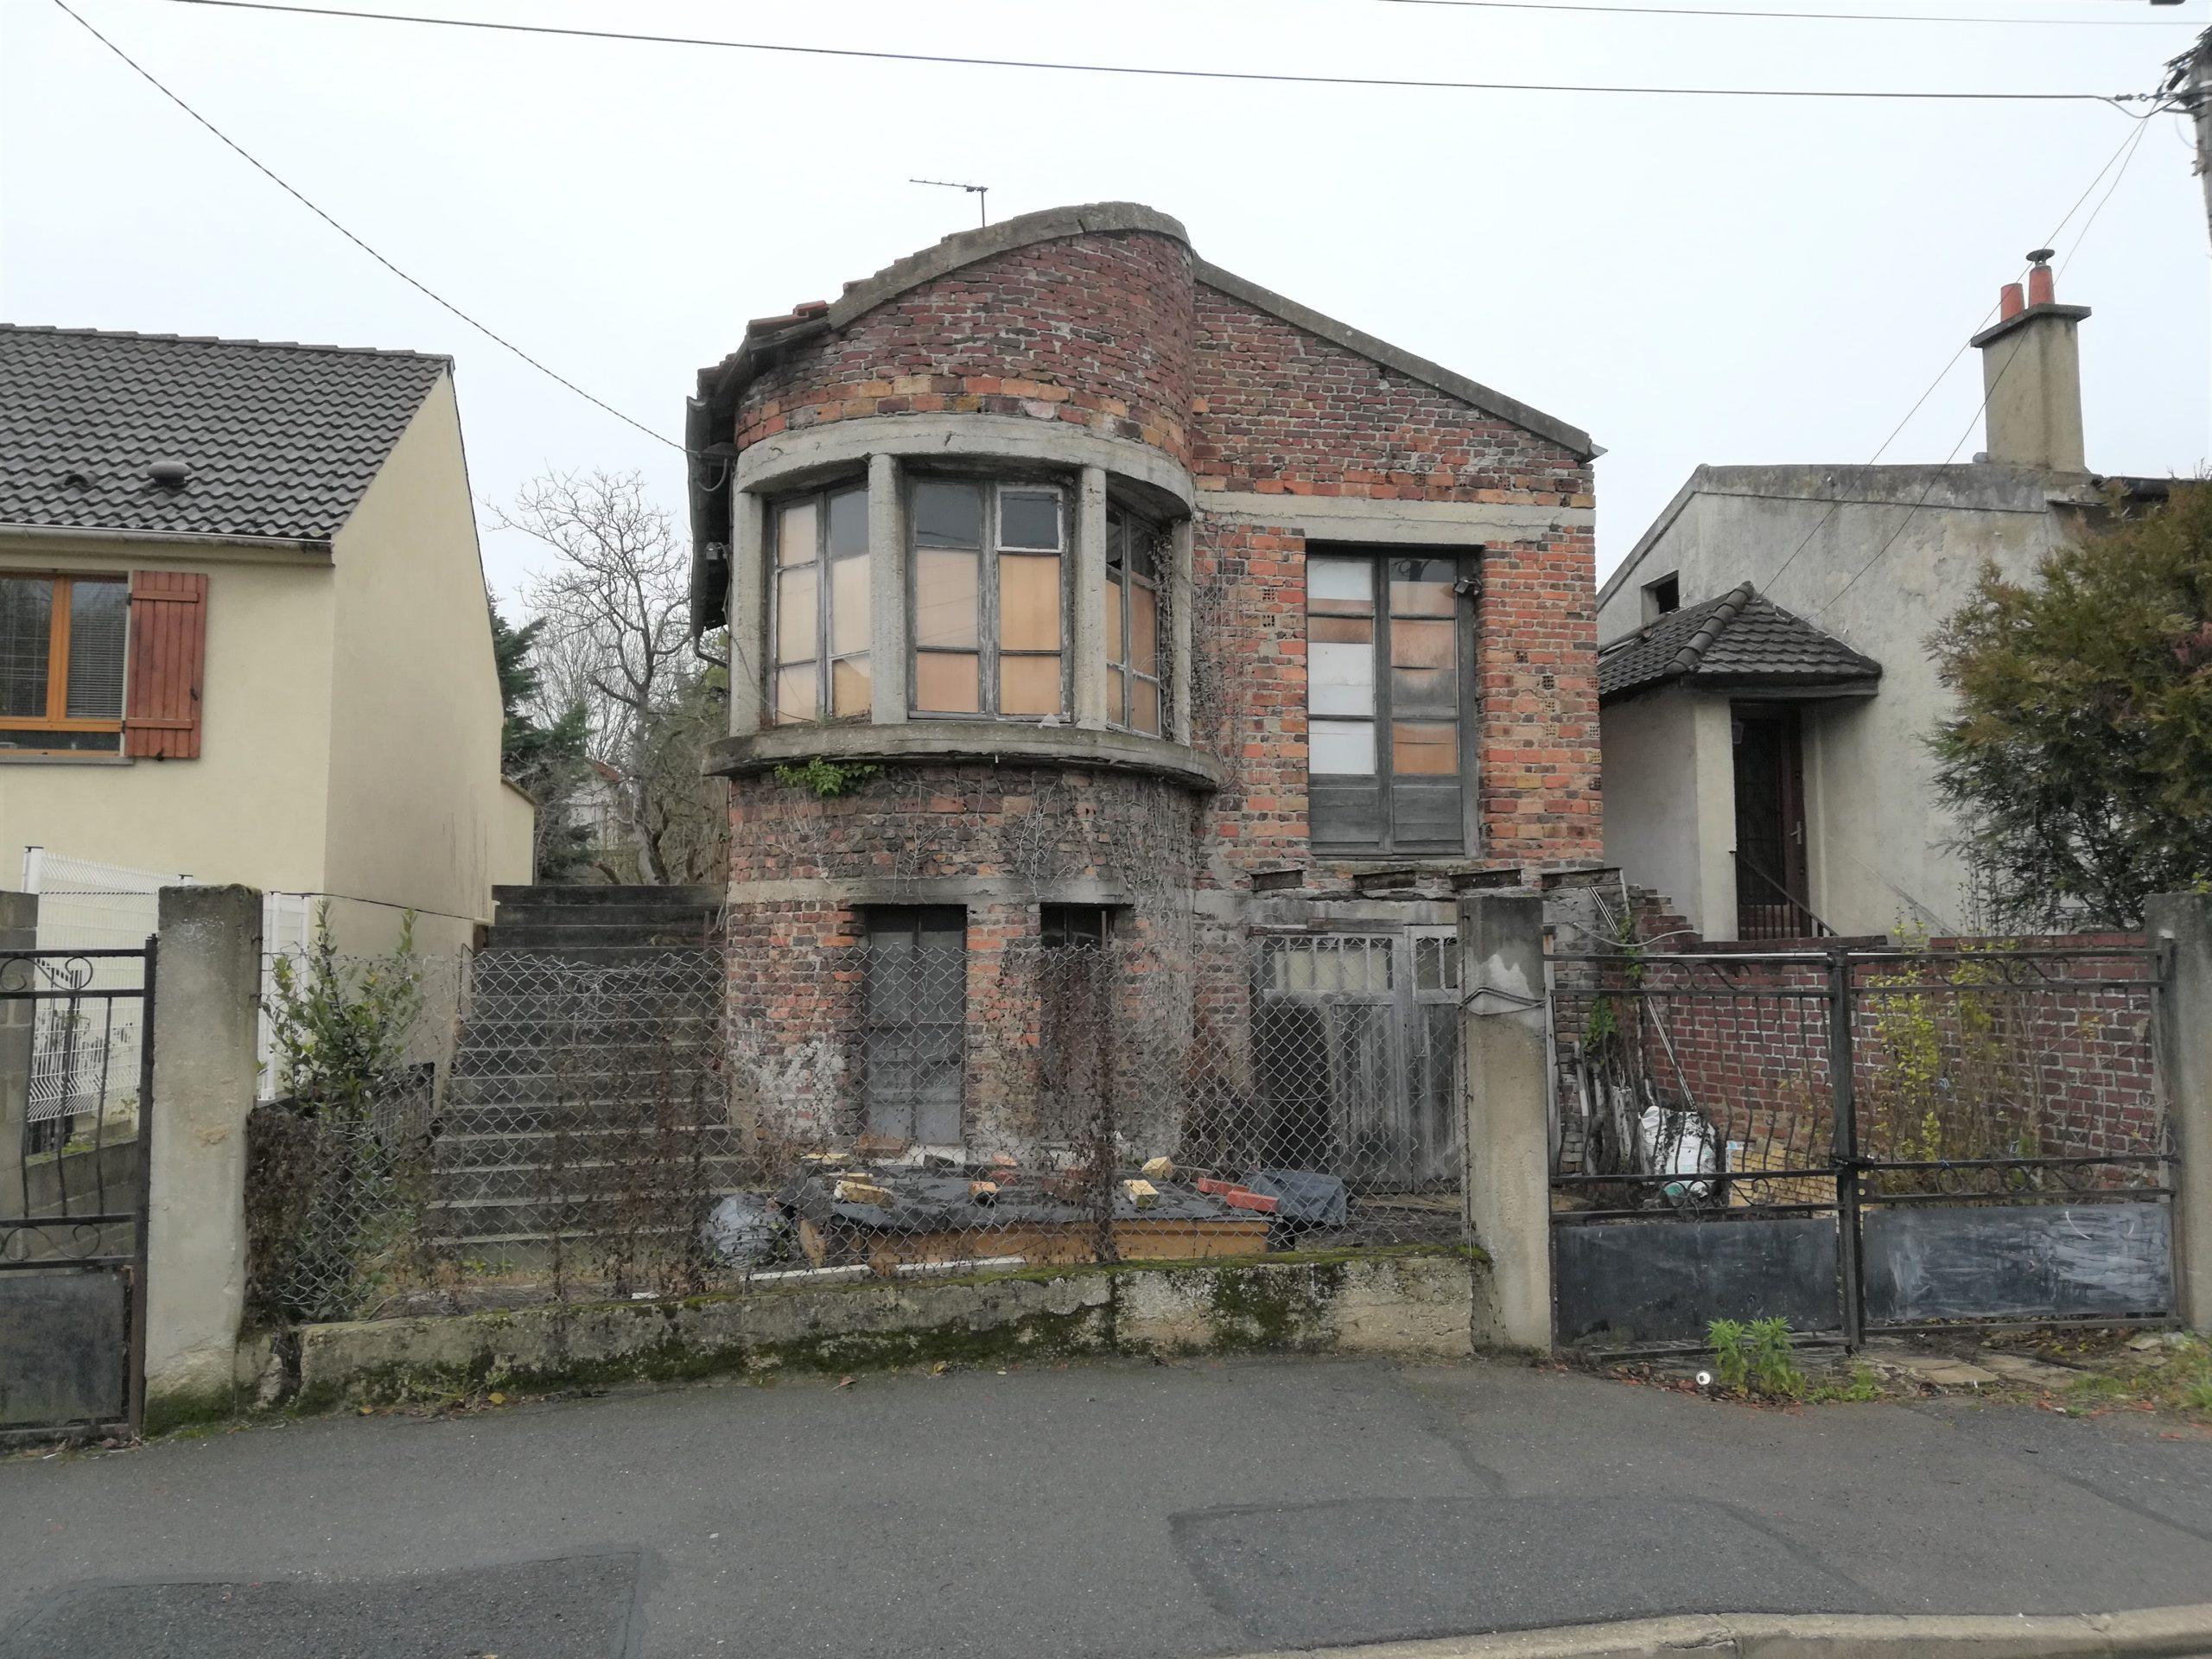 Maison 3 pièces 85m2 à Chelles (77500)